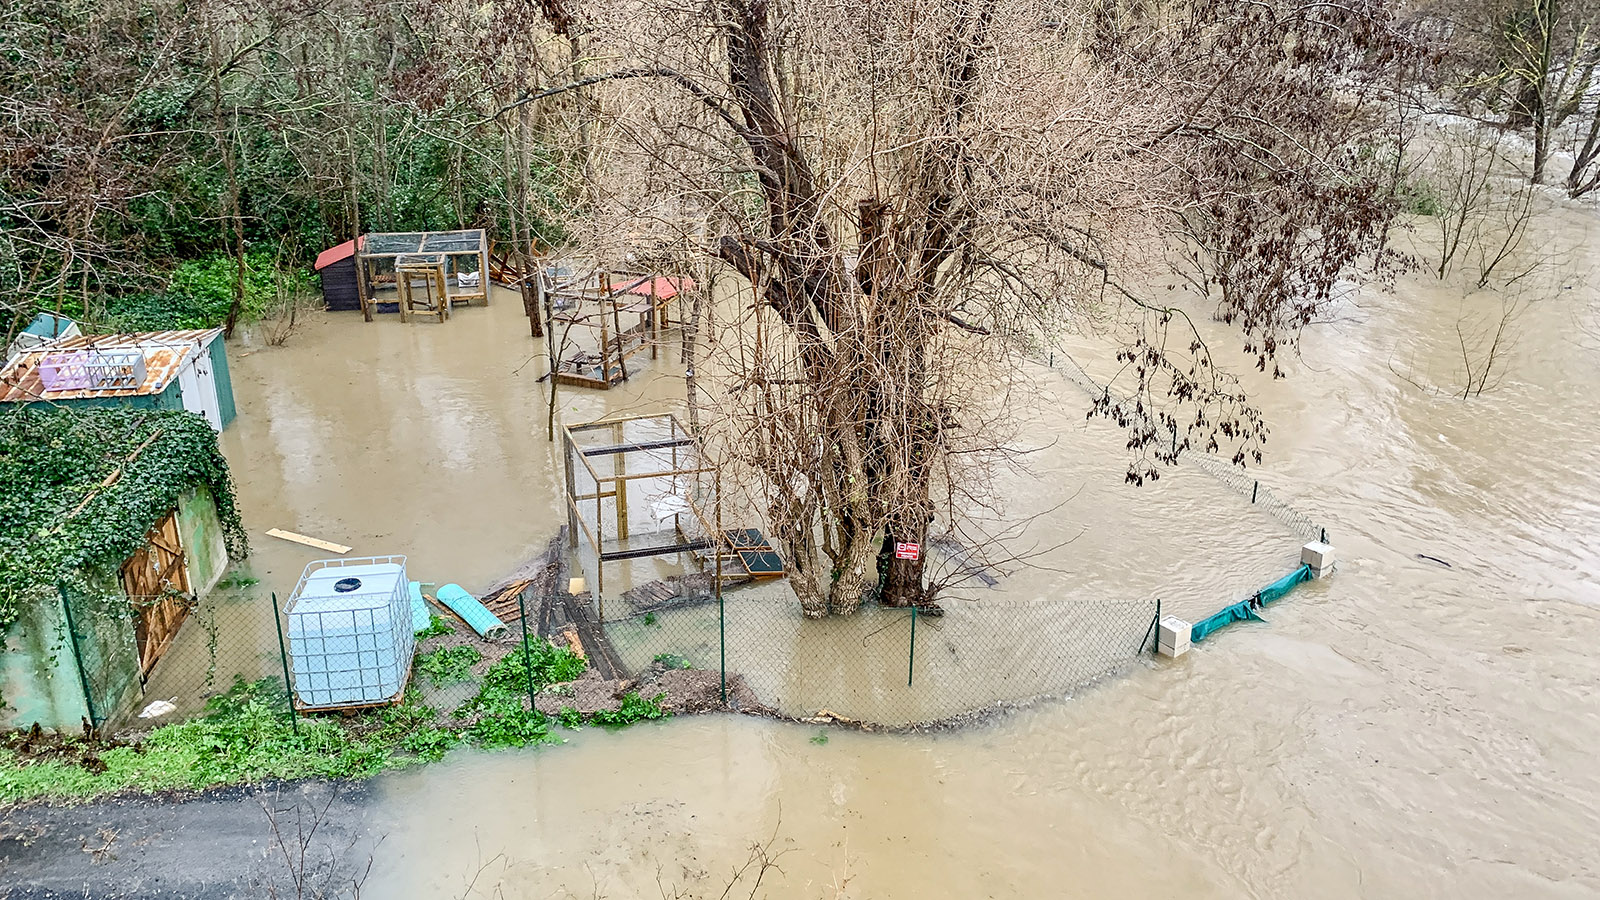 Estagel: Der Agly hat die Kleingärten überschwemmt. Foto: Hilke Maunder